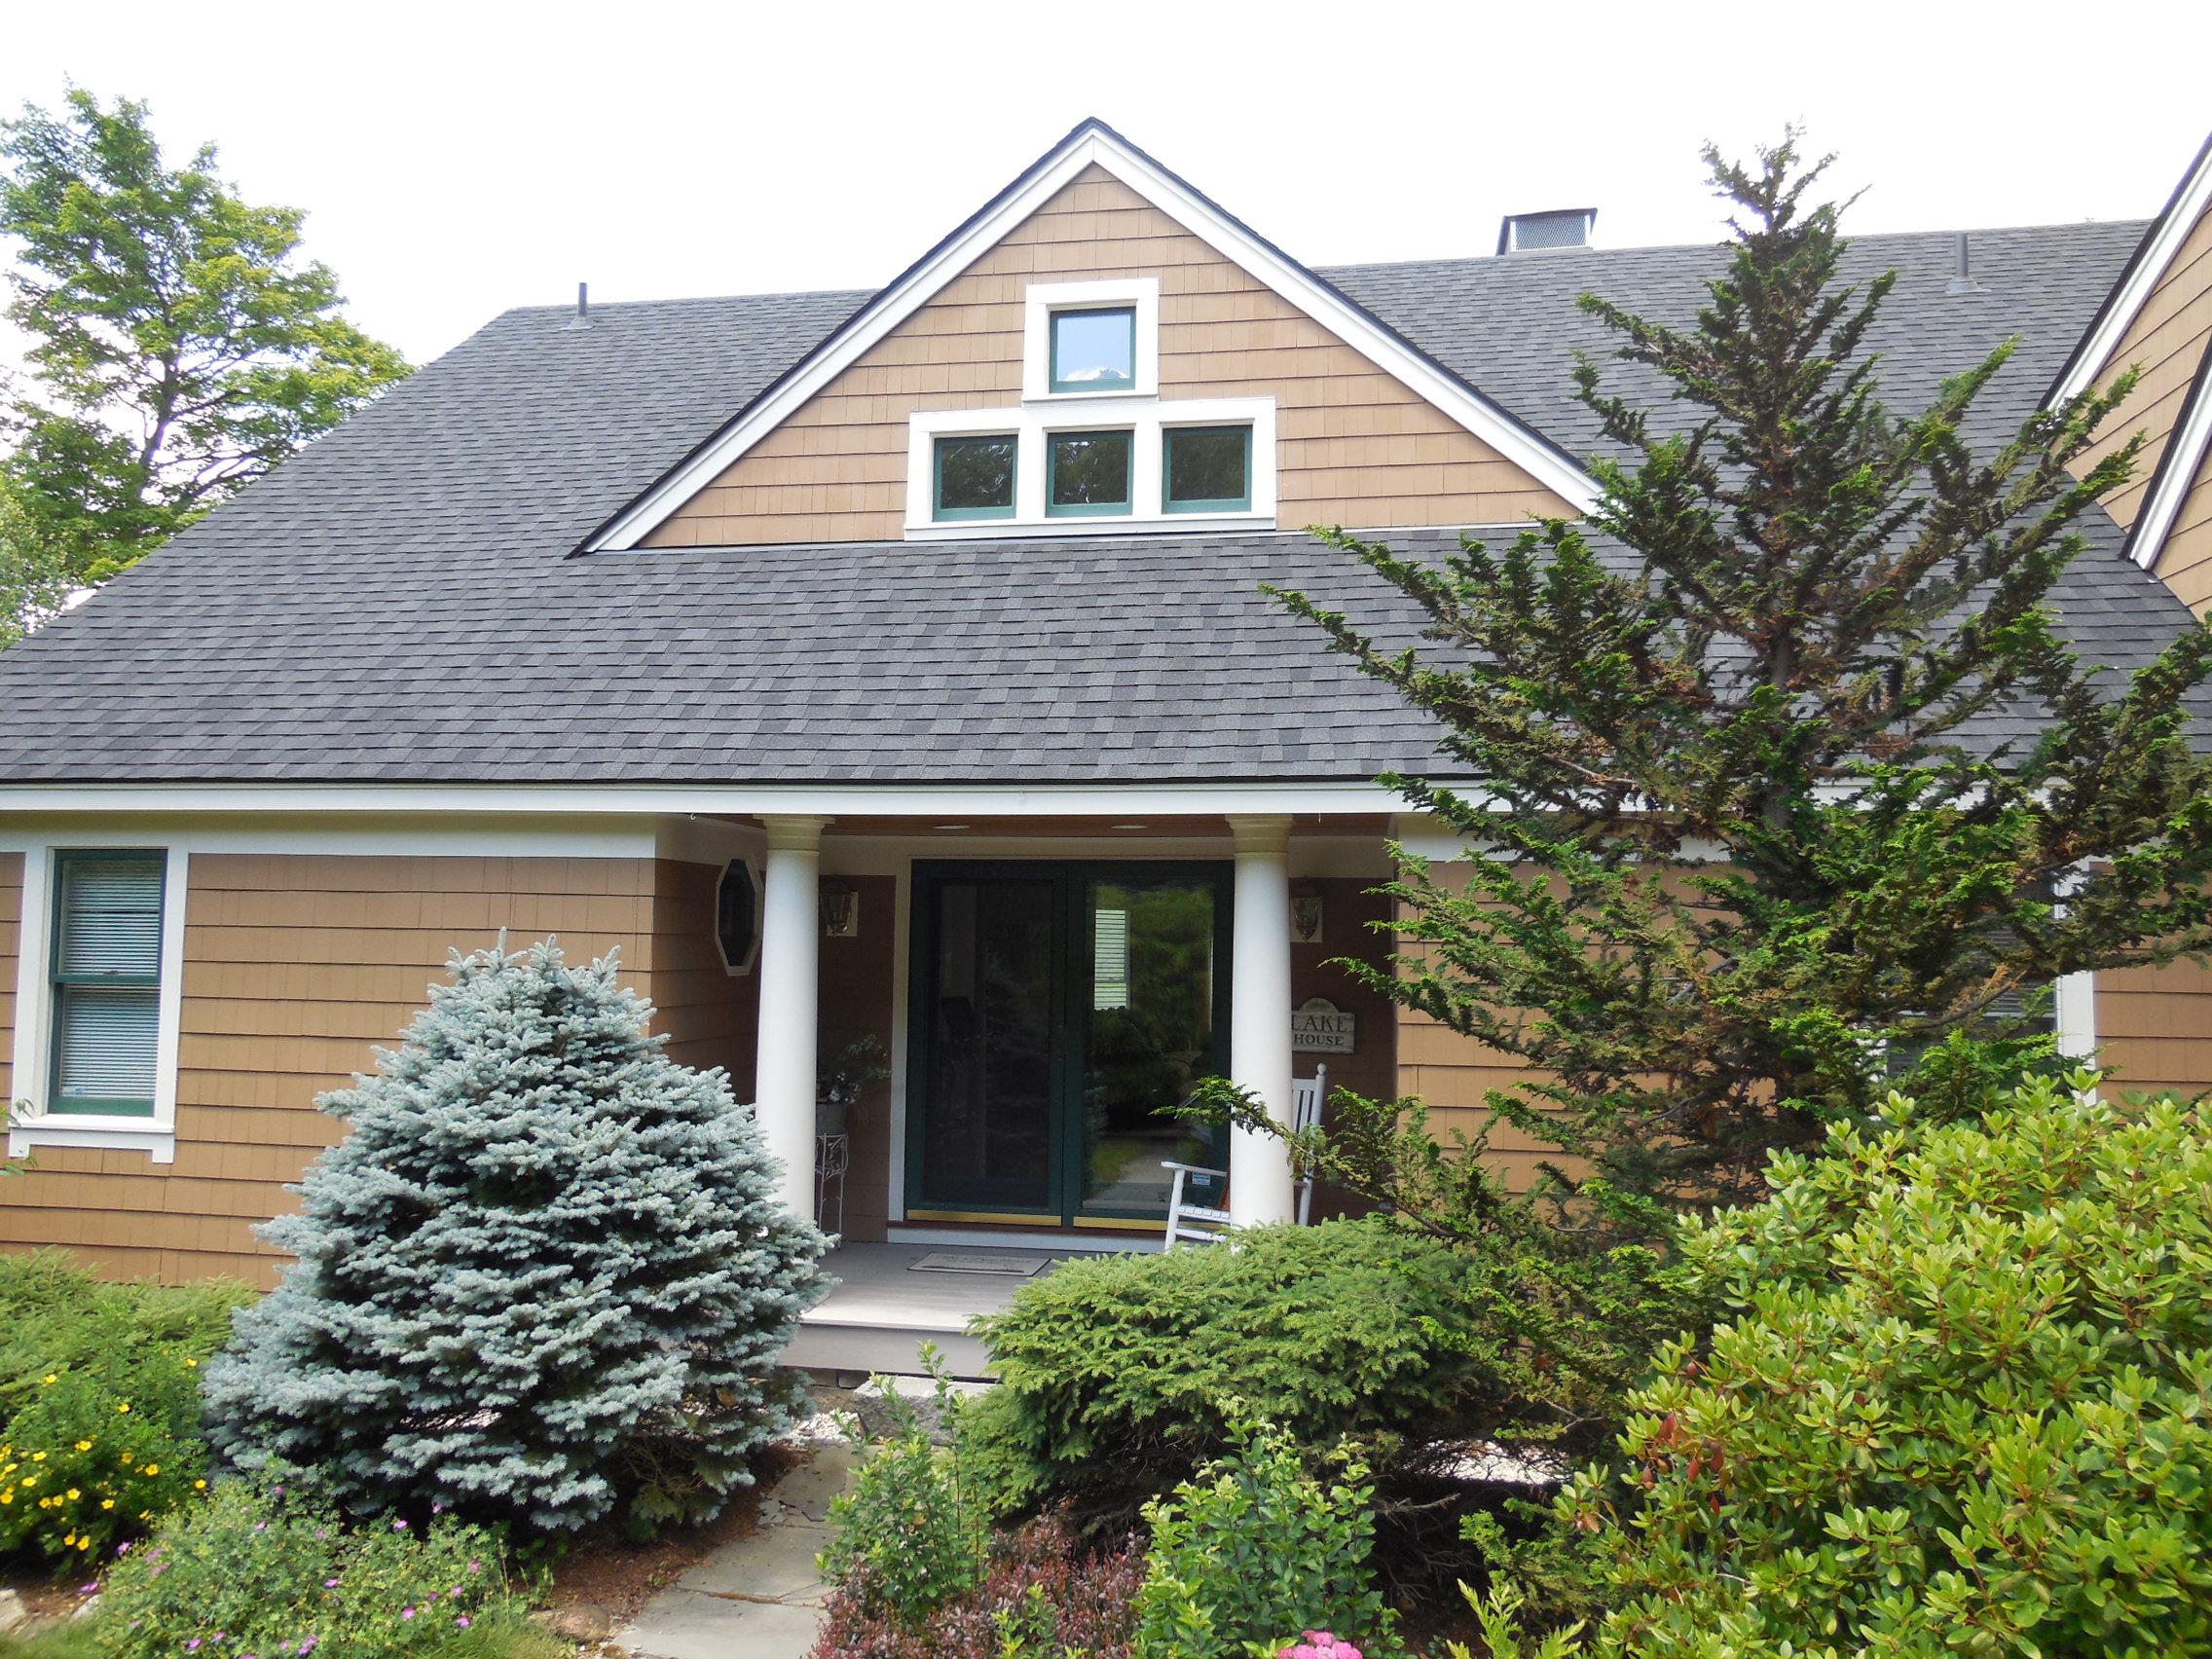 Maison unifamiliale pour l Vente à 51 Blye Hill Landing, Newbury Newbury, New Hampshire, 03255 États-Unis